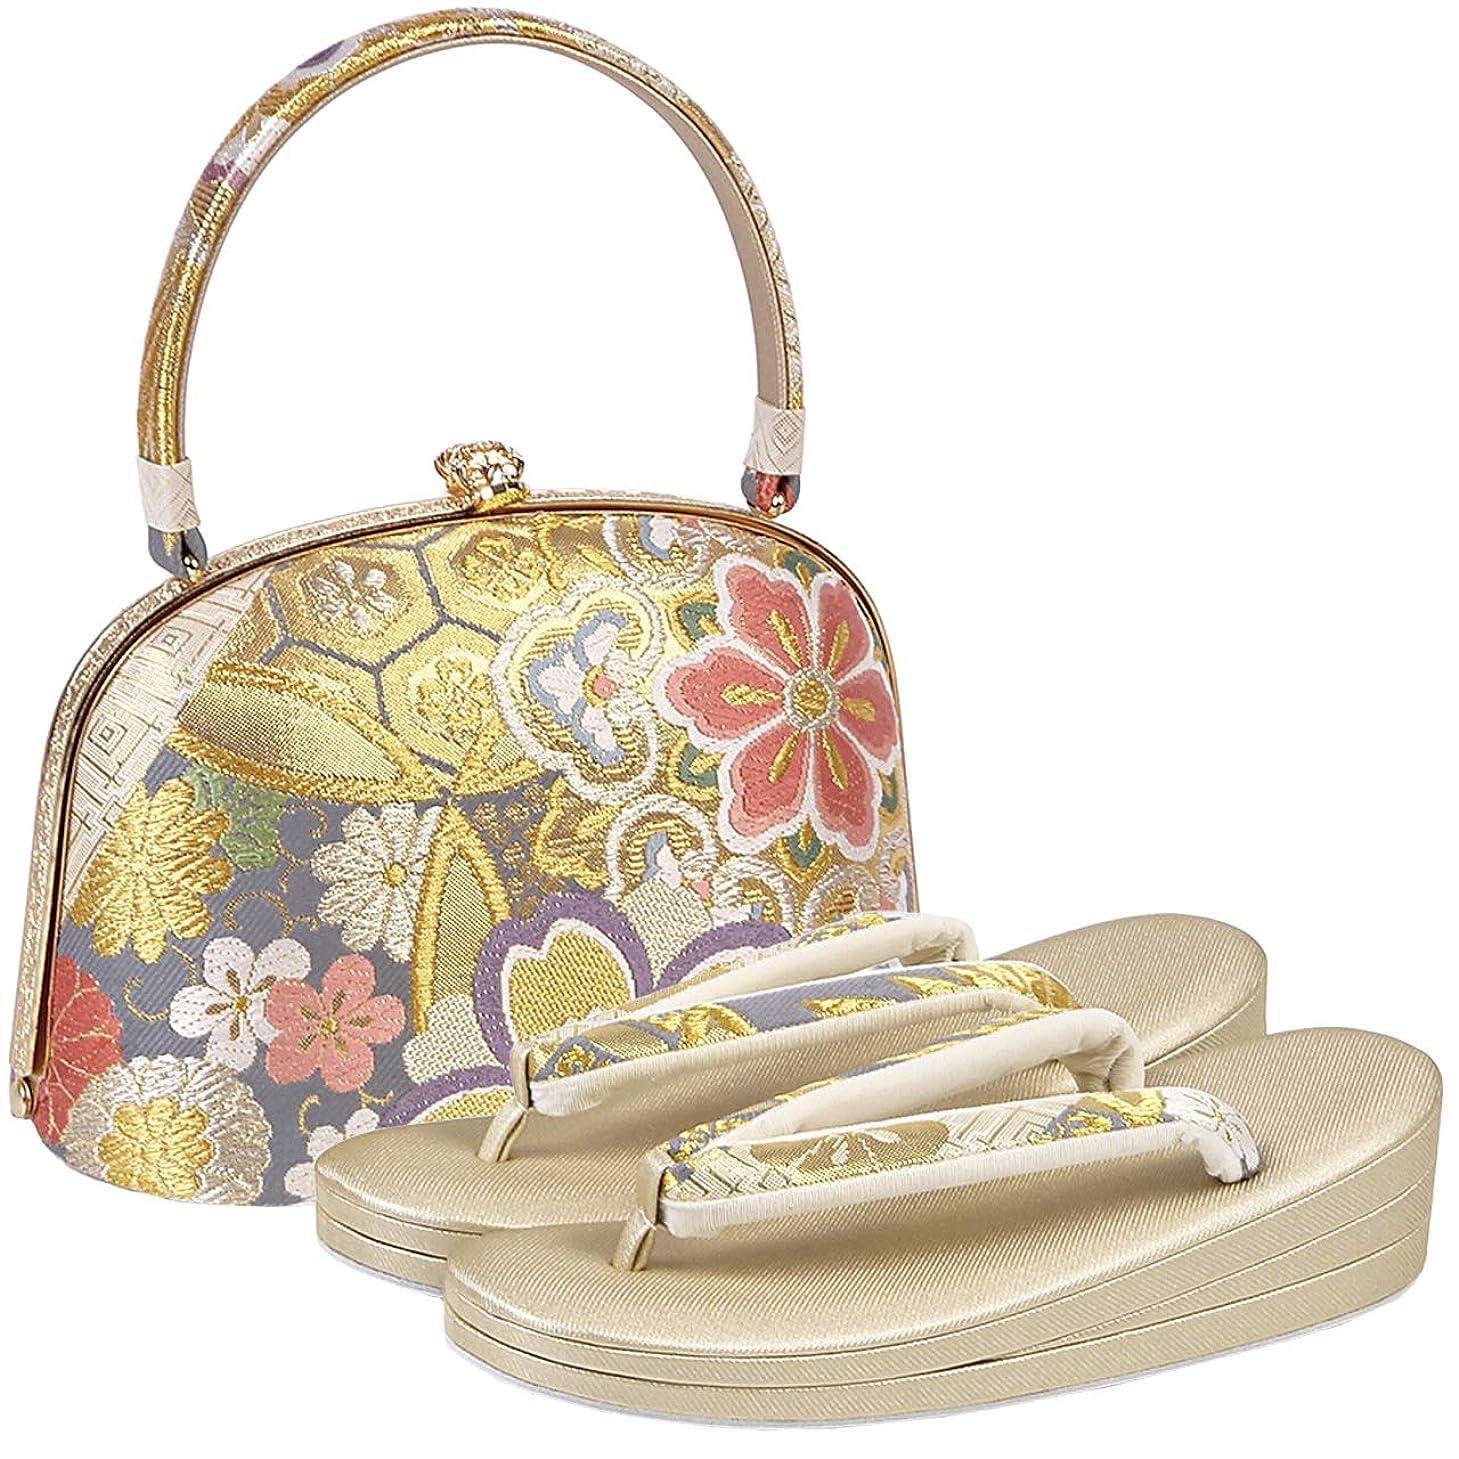 ラグ非常に怒っています出席[紗織] 草履バッグセット レディース 2Lサイズ 金色 花柄 三枚芯 N3468